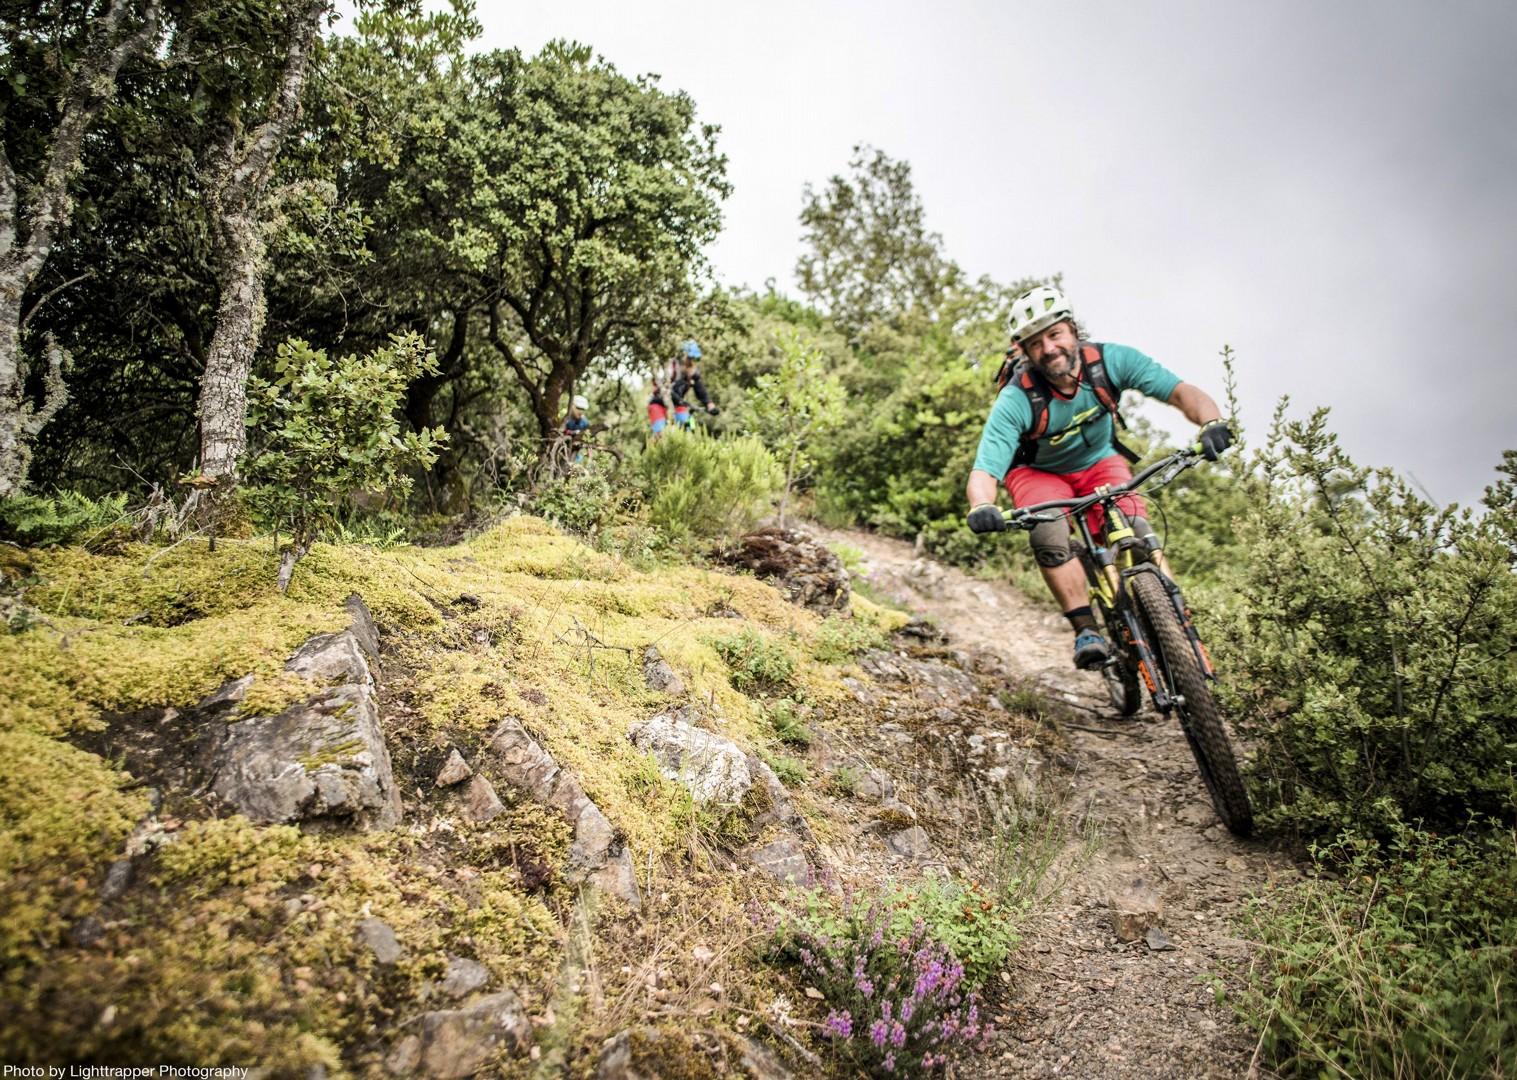 technical-singletrack-terrain-mtb-mountain-biking-cycling-northern-spain-picos-de-europa.jpg - Spain - Picos de Europa - Trans Picos - Guided Mountain Bike Holiday - Mountain Biking